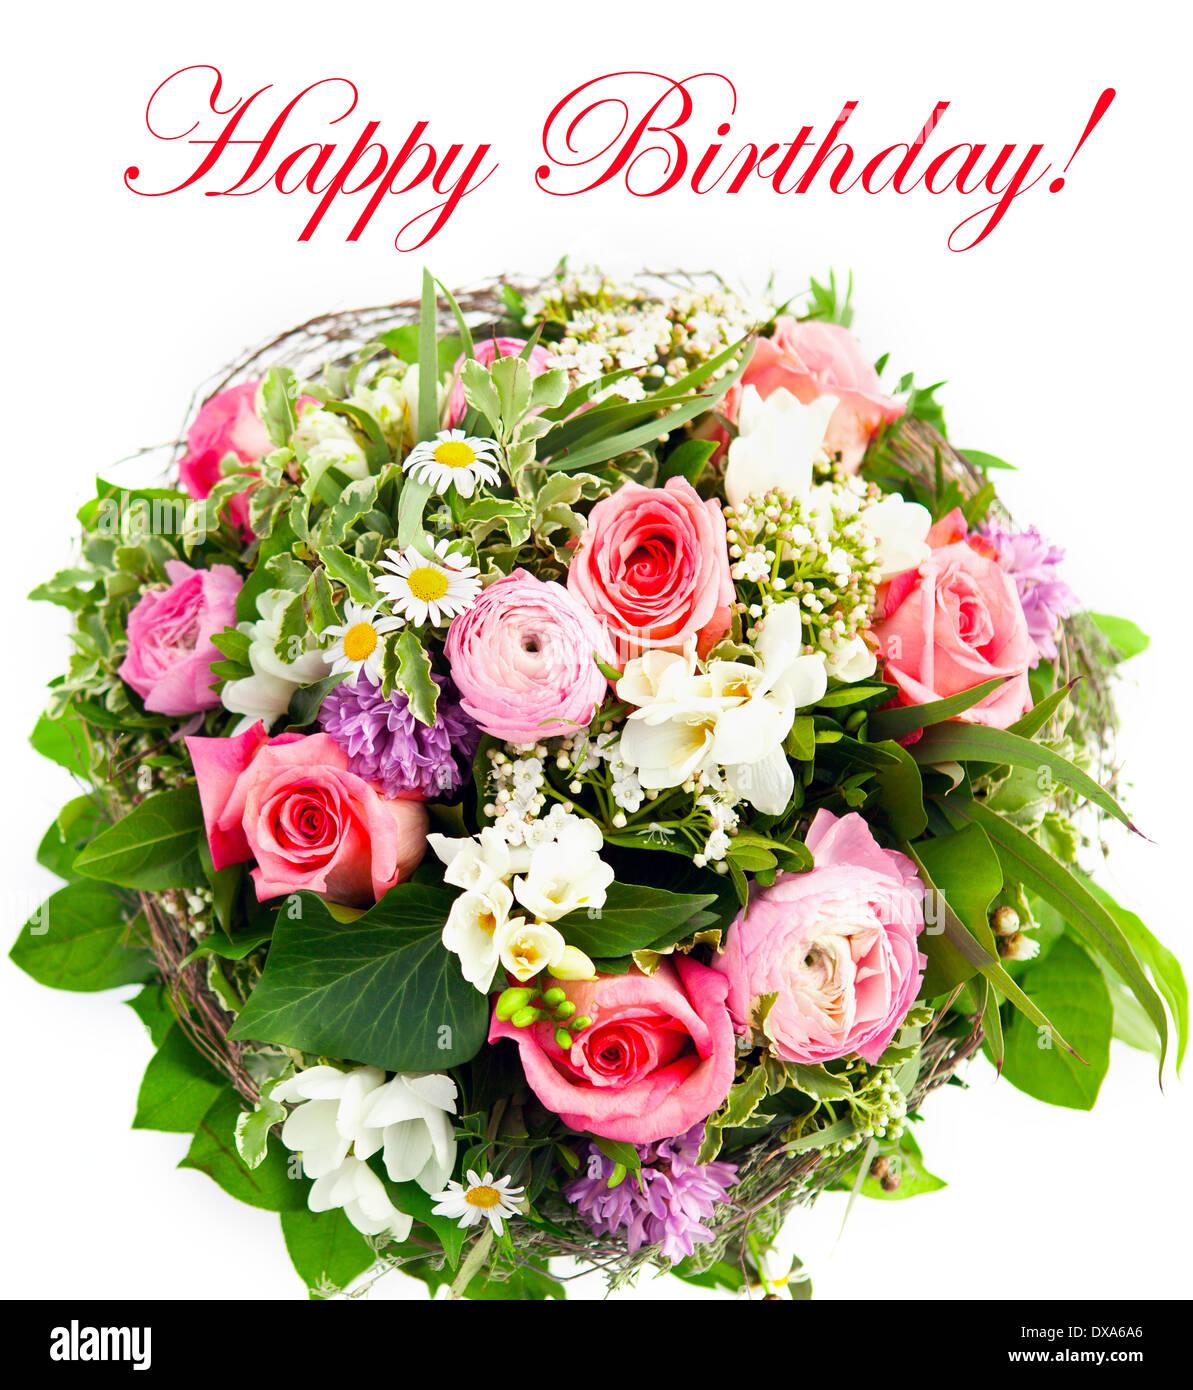 Mazzo Di Fiori Happy Birthday.Foto Mazzo Di Fiori Buon Compleanno